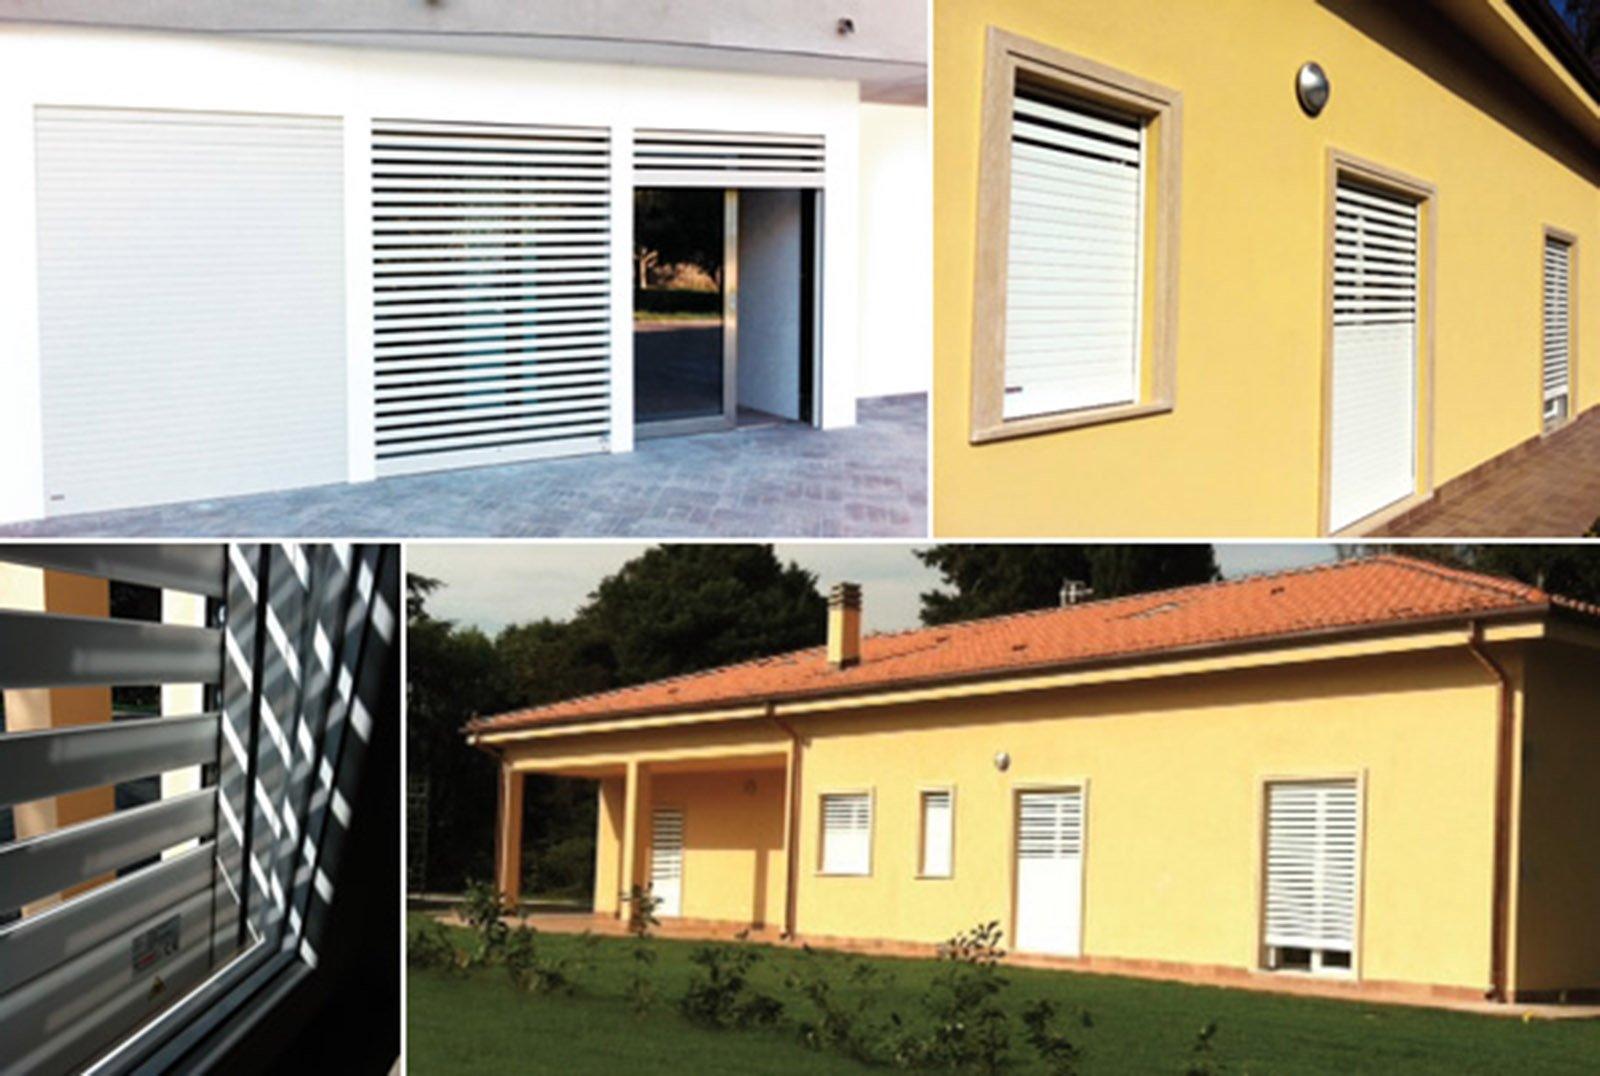 Tapparelle per aumentare sicurezza cose di casa - Serrande avvolgibili per finestre ...